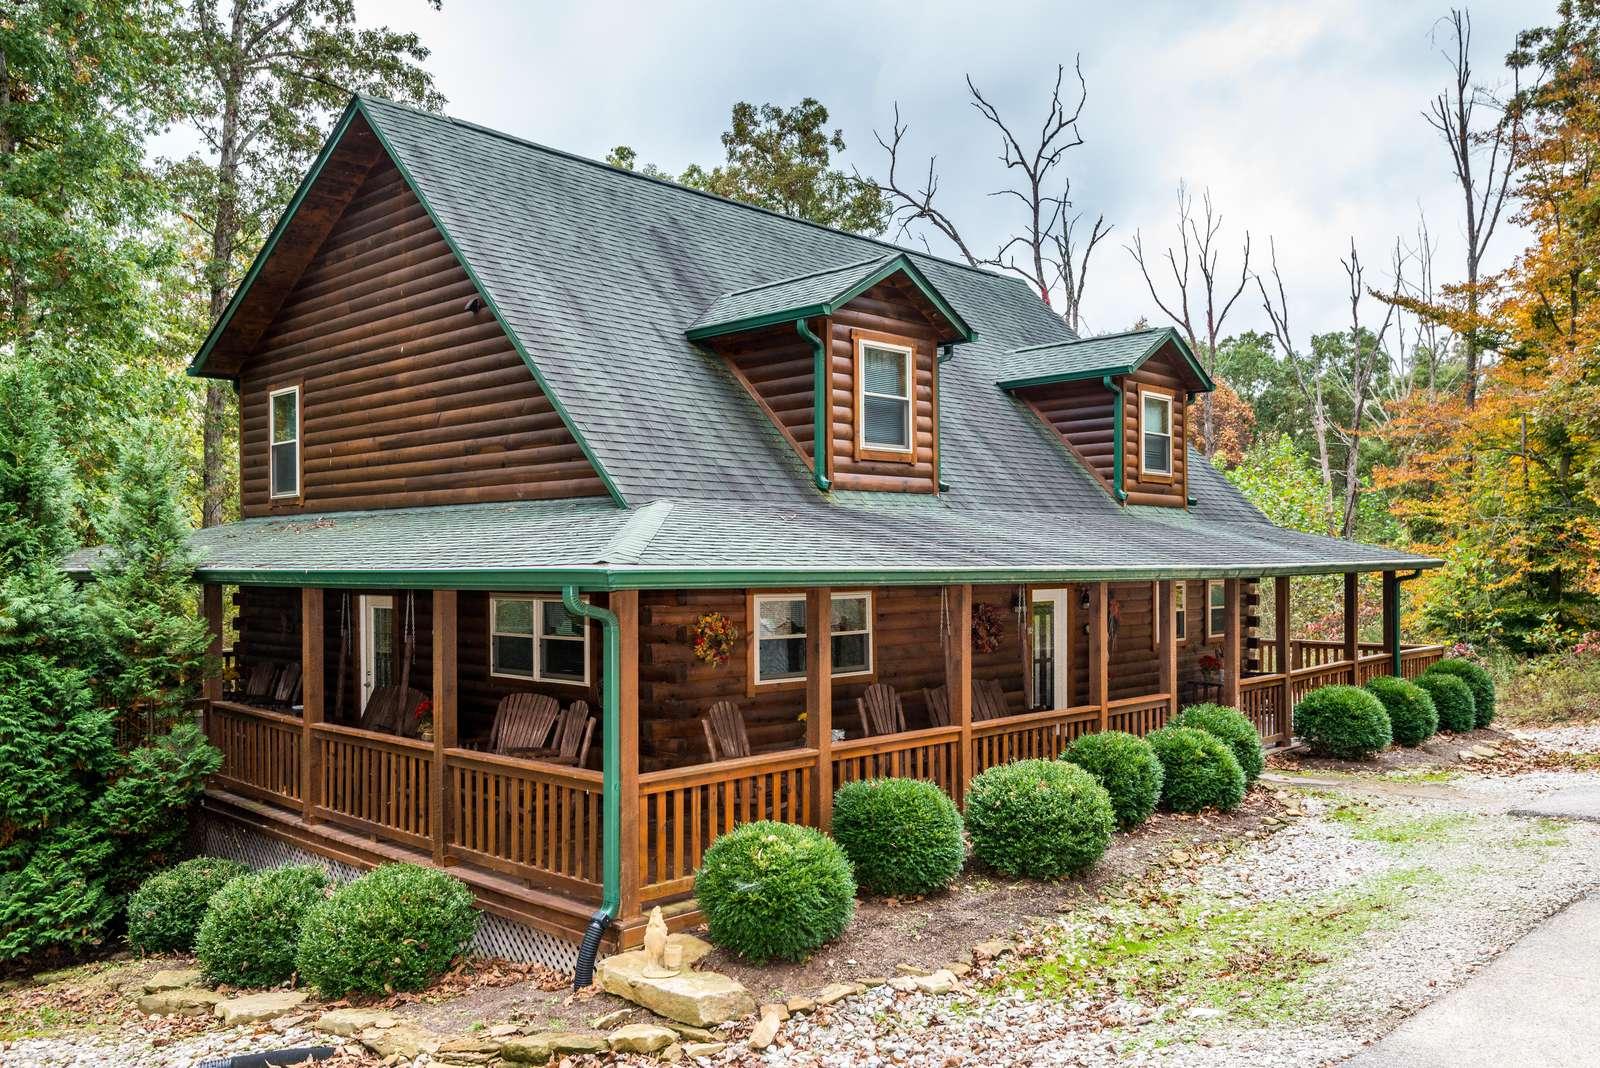 A Hidden Treasure Log Cabin - property